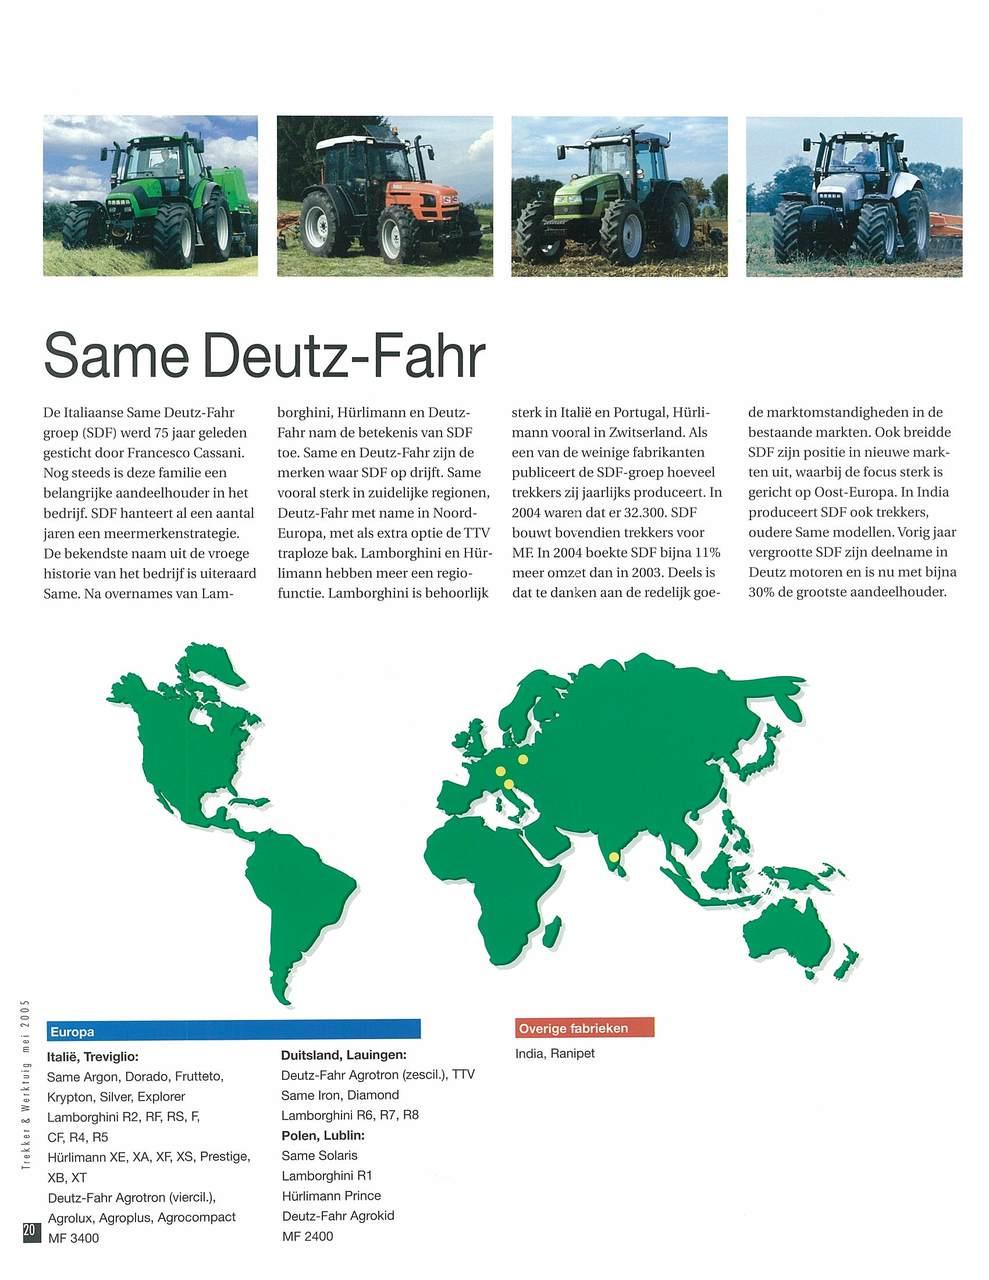 SAME Deutz-Fahr